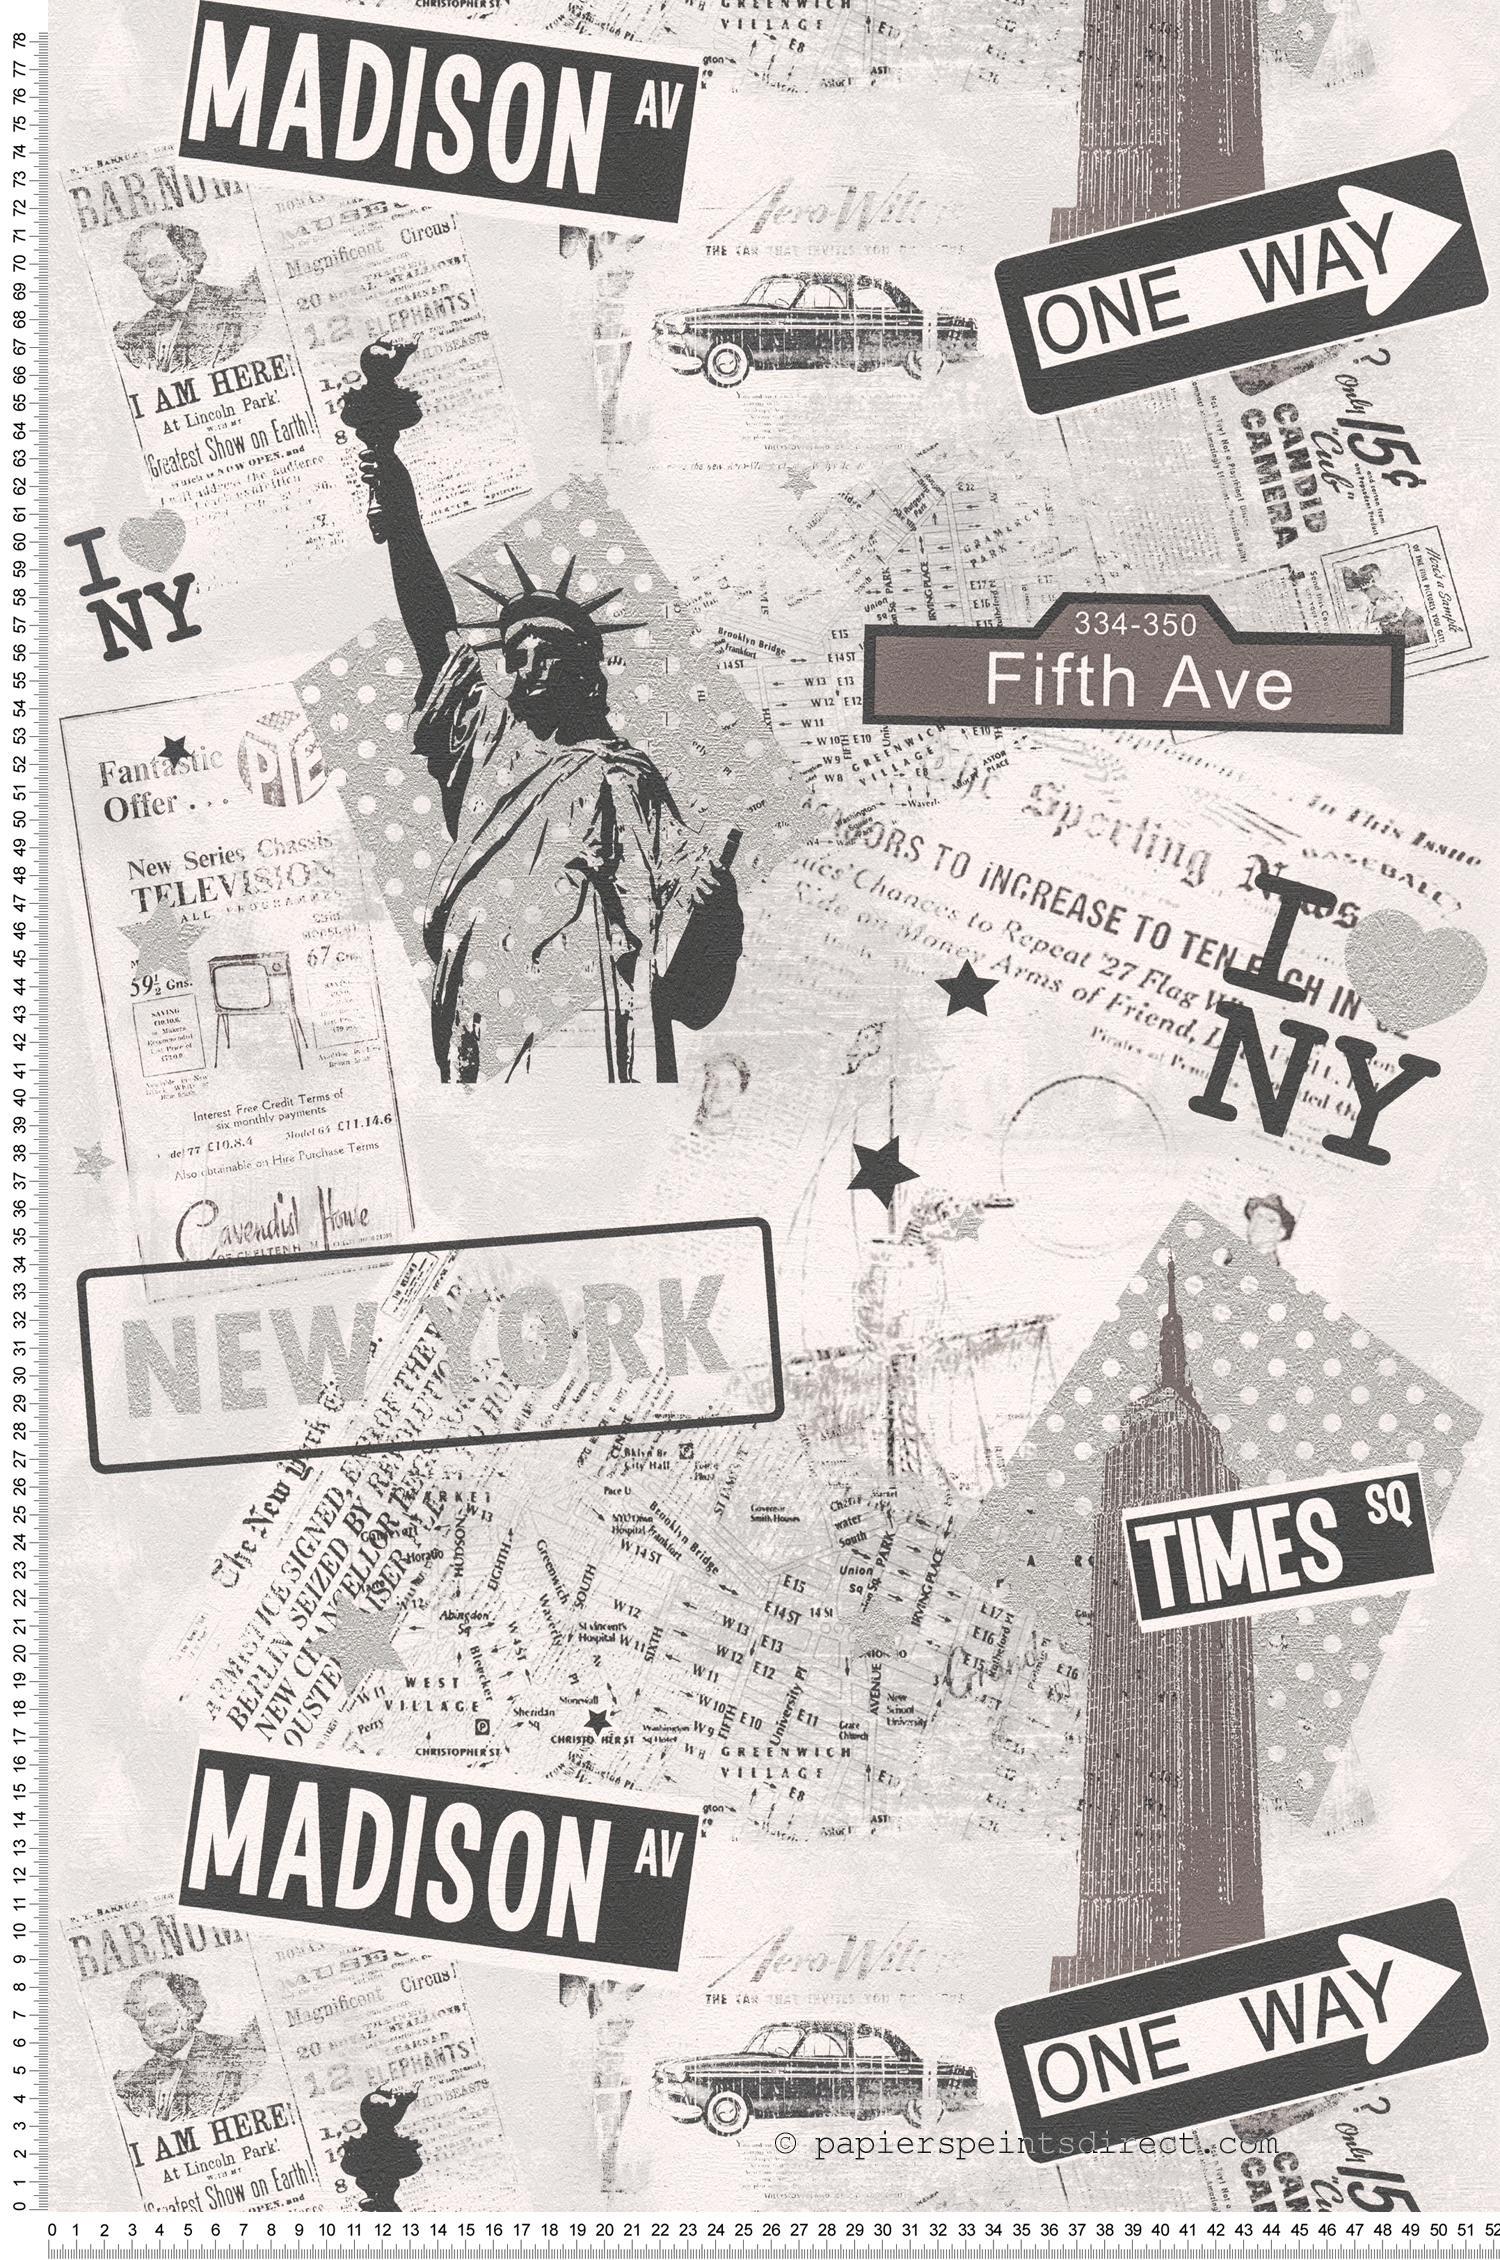 6 Rouleaux AS CREATION papier peint Papier Papier Peint 936251 9362 5-1 Gris Metallic NEW YORK